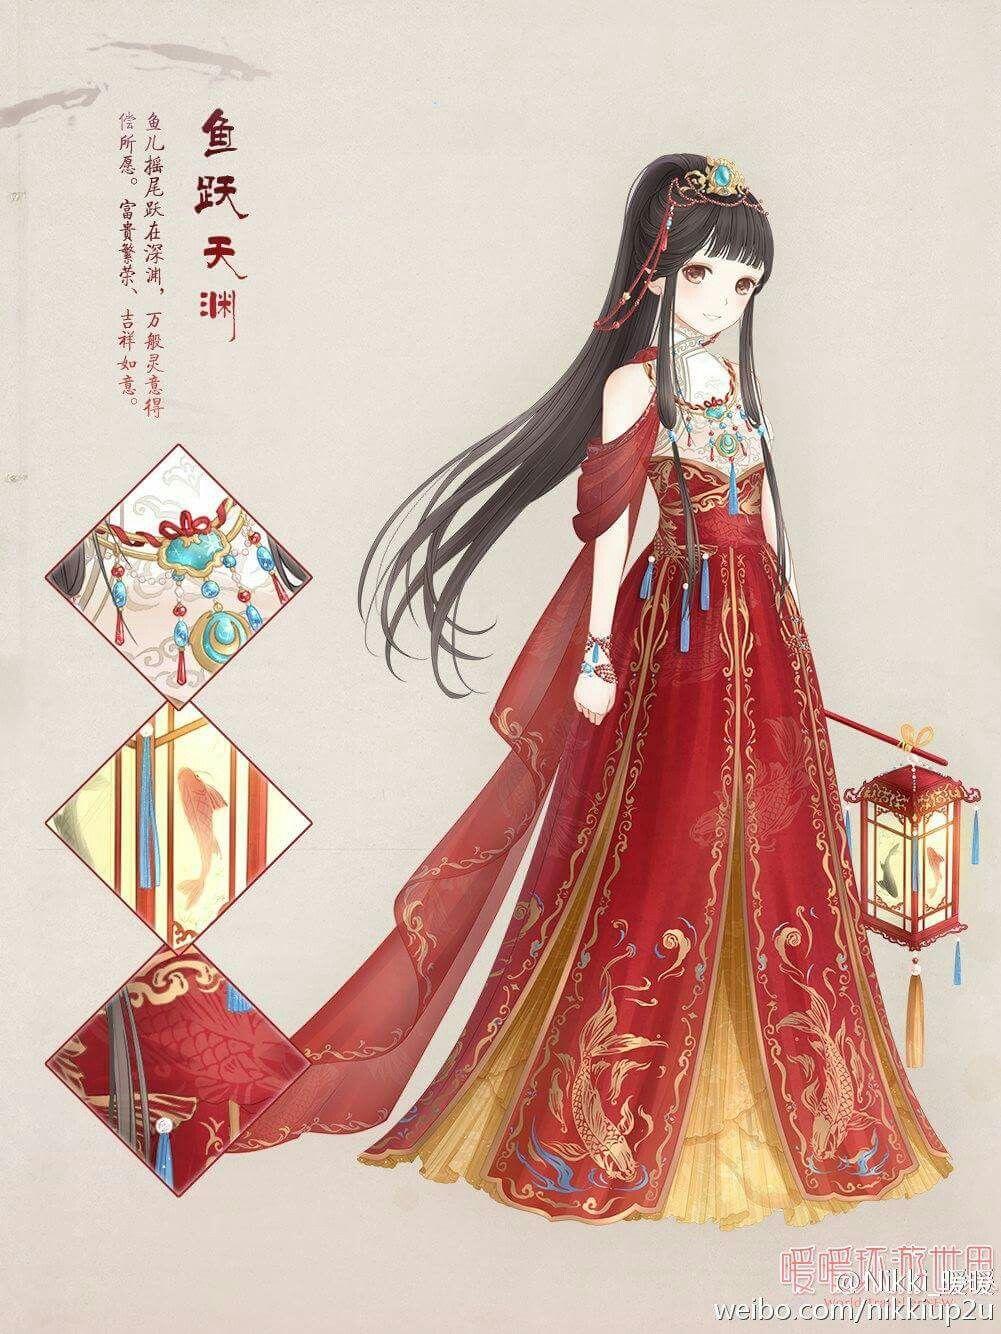 Character Design Dress Up : Pin by dạ nguyệt on ngôi sao thời trang pinterest